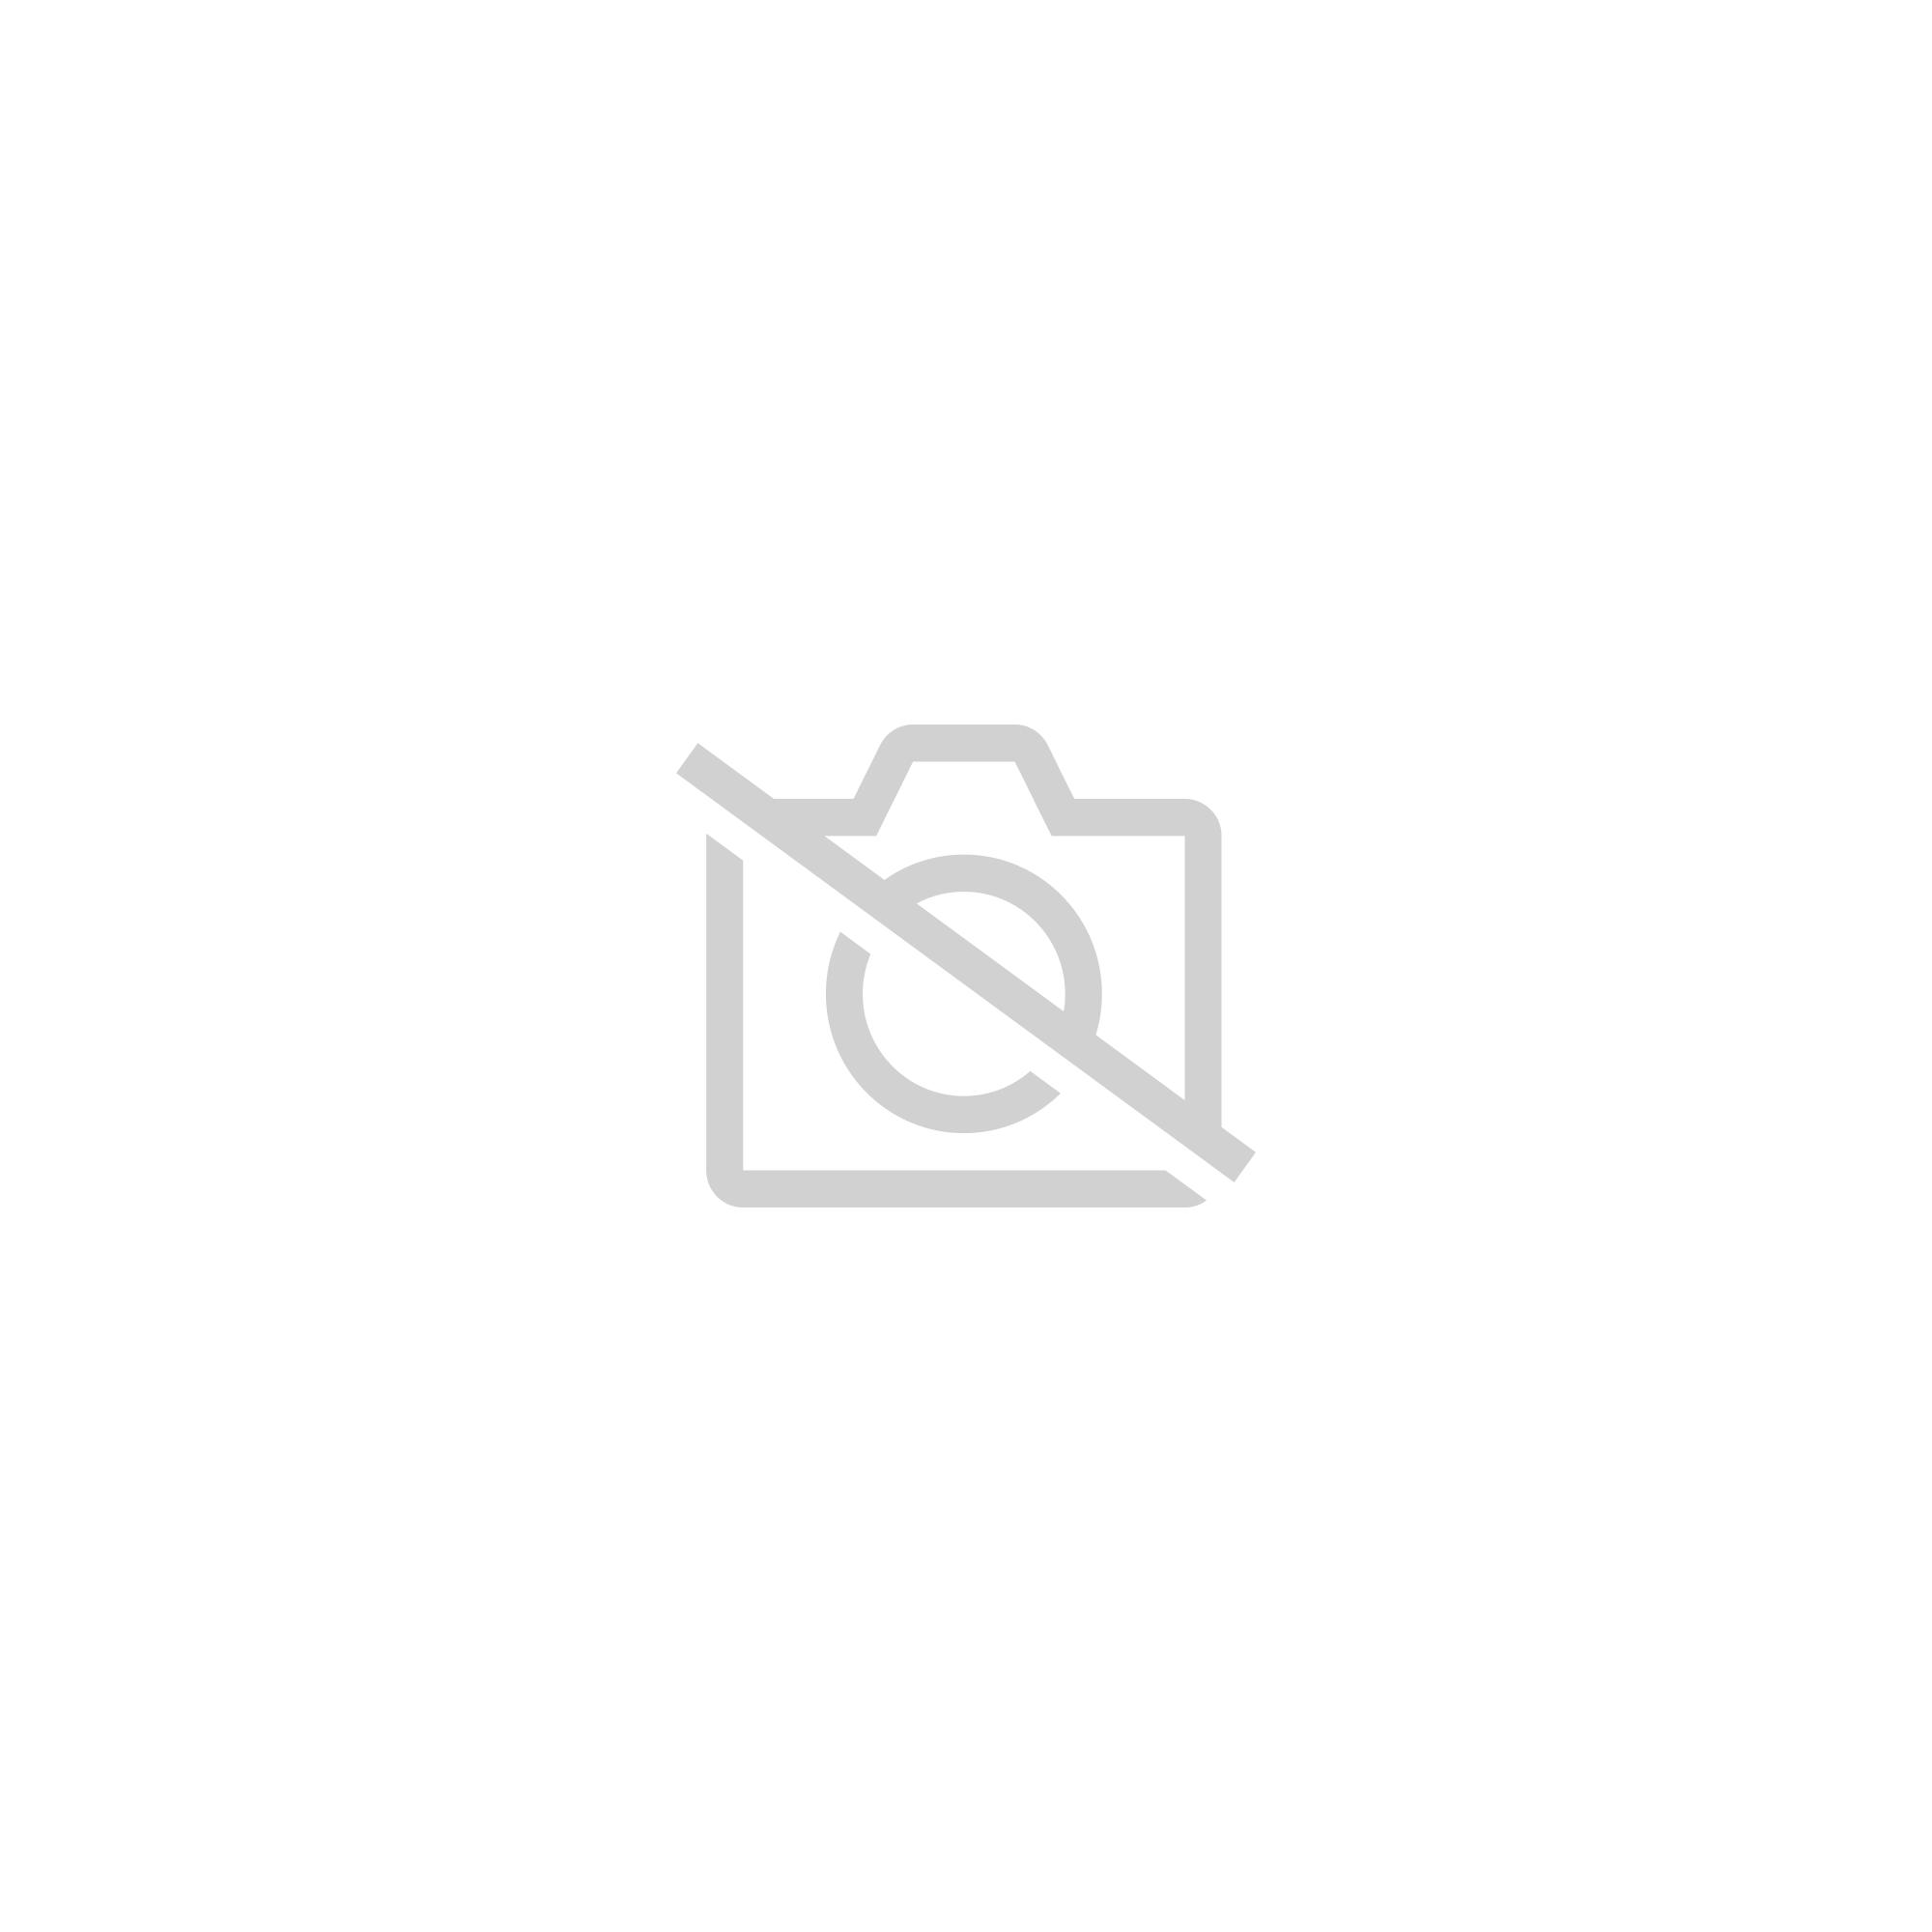 Figurine Winnie L'ourson - Tigrou Le Tigre Lancant Des Boules De Neige - 8cm